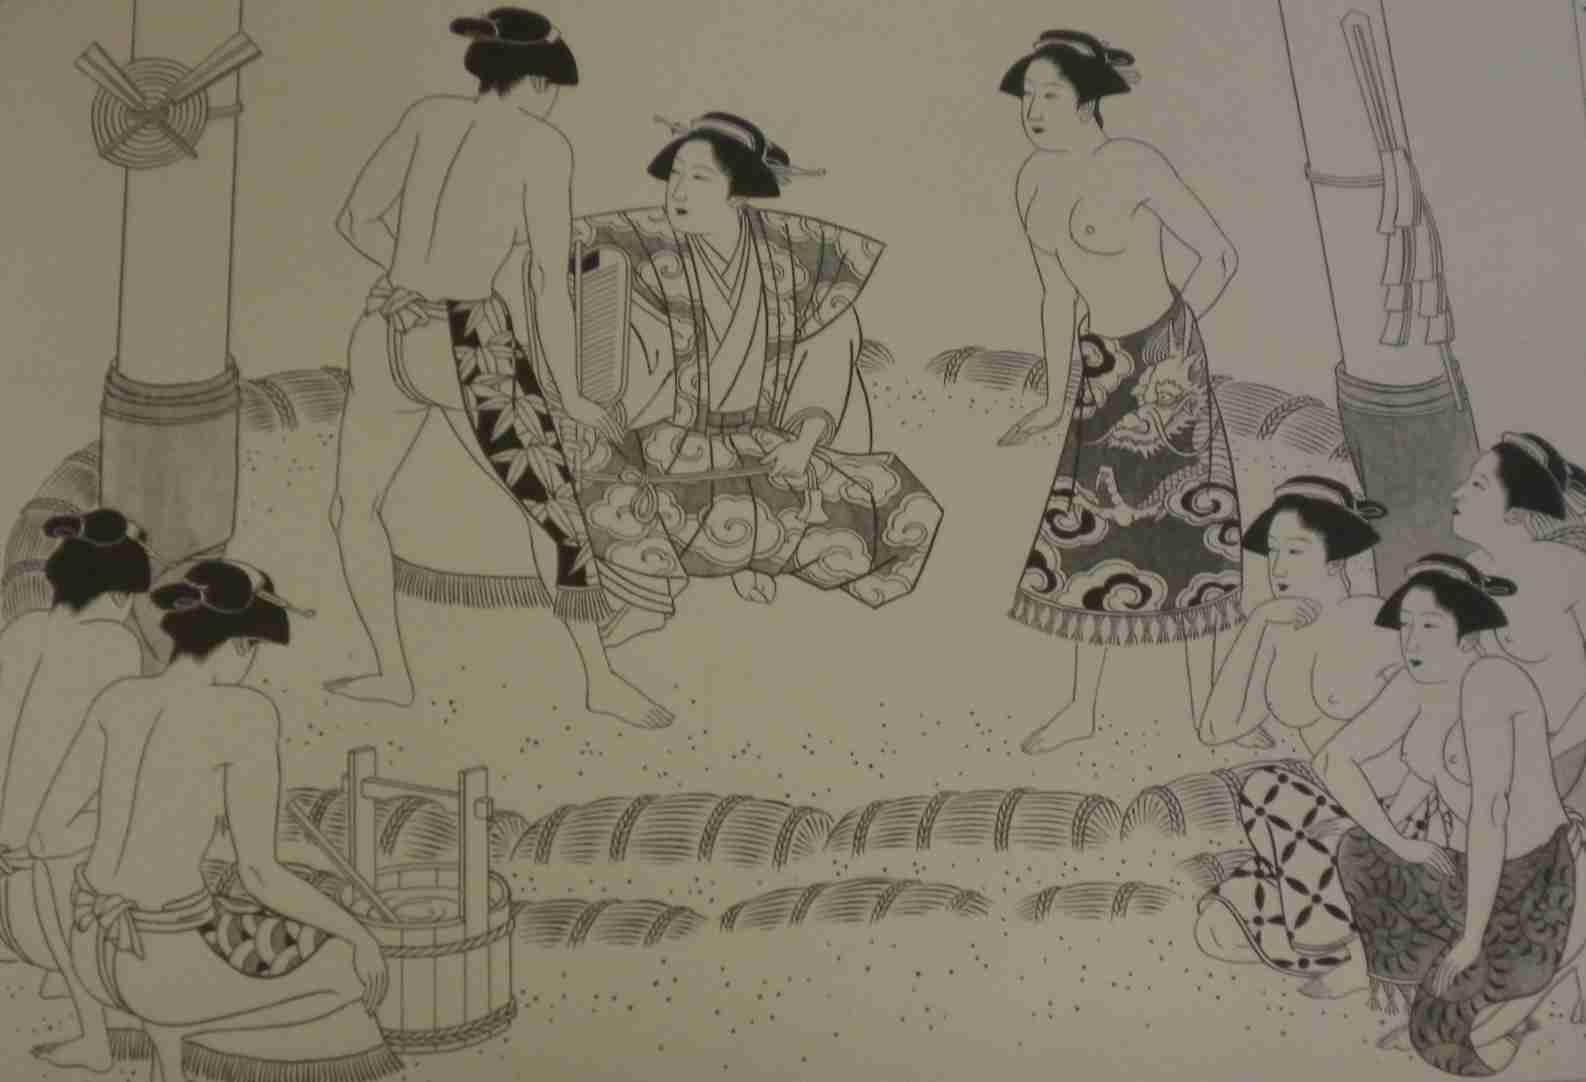 女相撲の歴史は非常に古い。「すもう」の語源。 ( 格闘技 ) - 「万葉仮名の六十二個」の一音節語の解説コーナー。 - Yahoo!ブログ